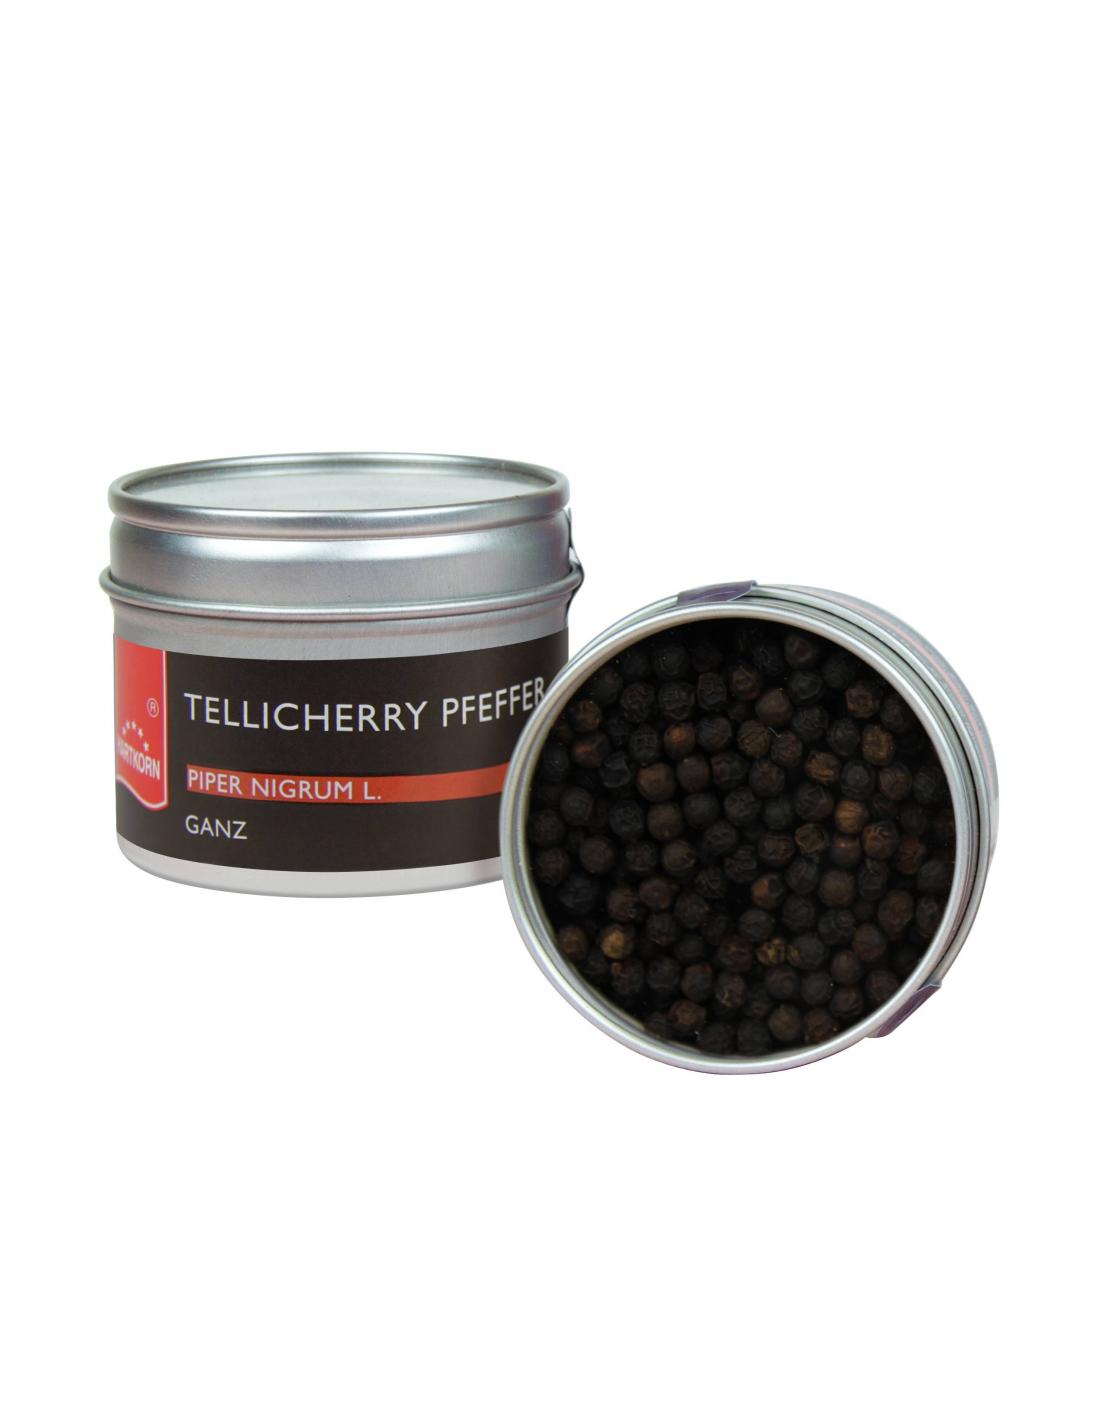 tellicherry pfeffer kaufen gourmetpfeffer hartkorn onlineshop. Black Bedroom Furniture Sets. Home Design Ideas